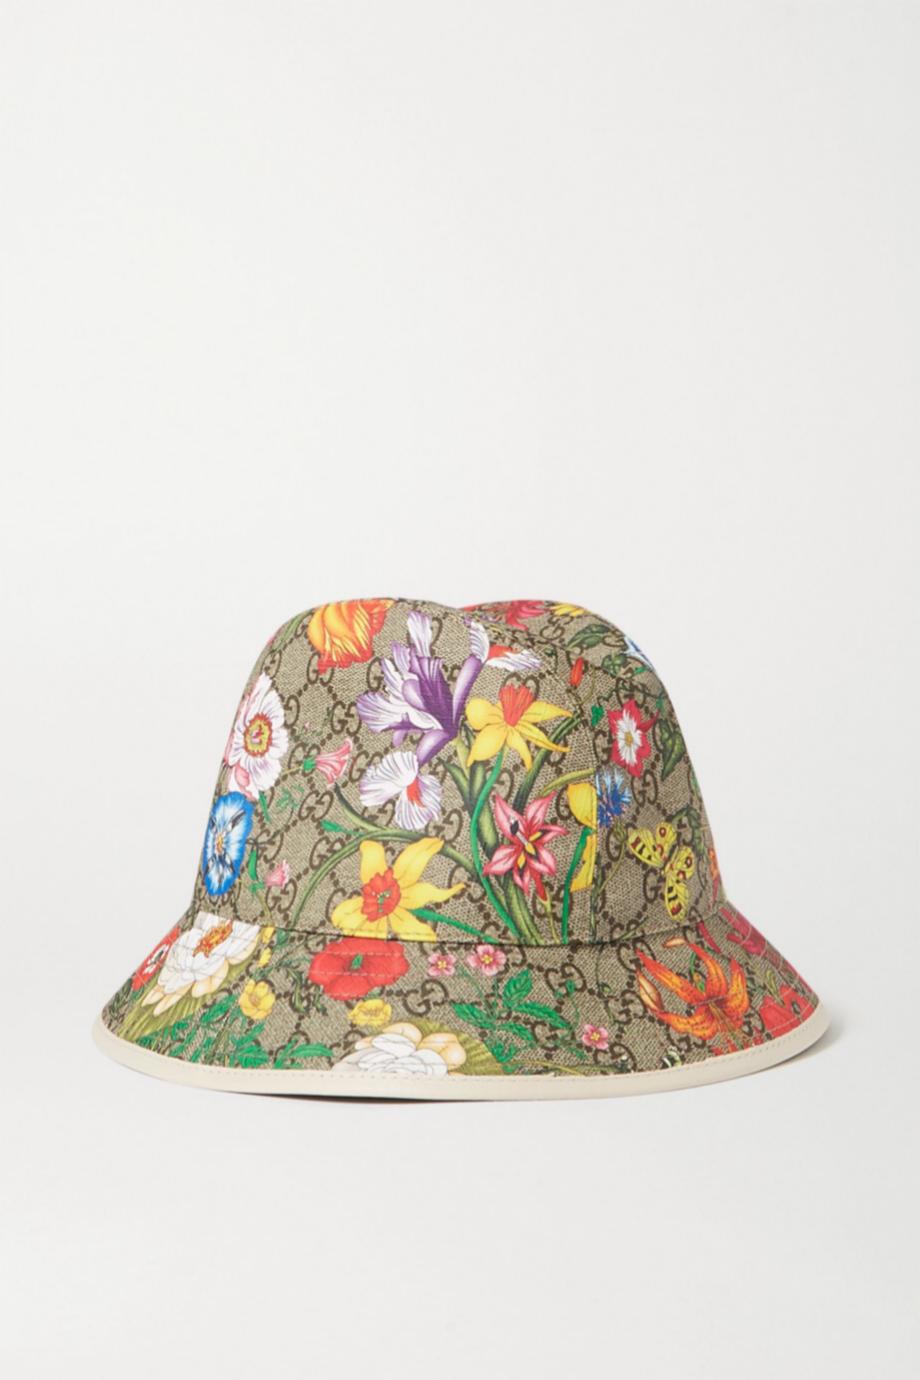 Sombrero tipo bucket de Gucci (290¤)